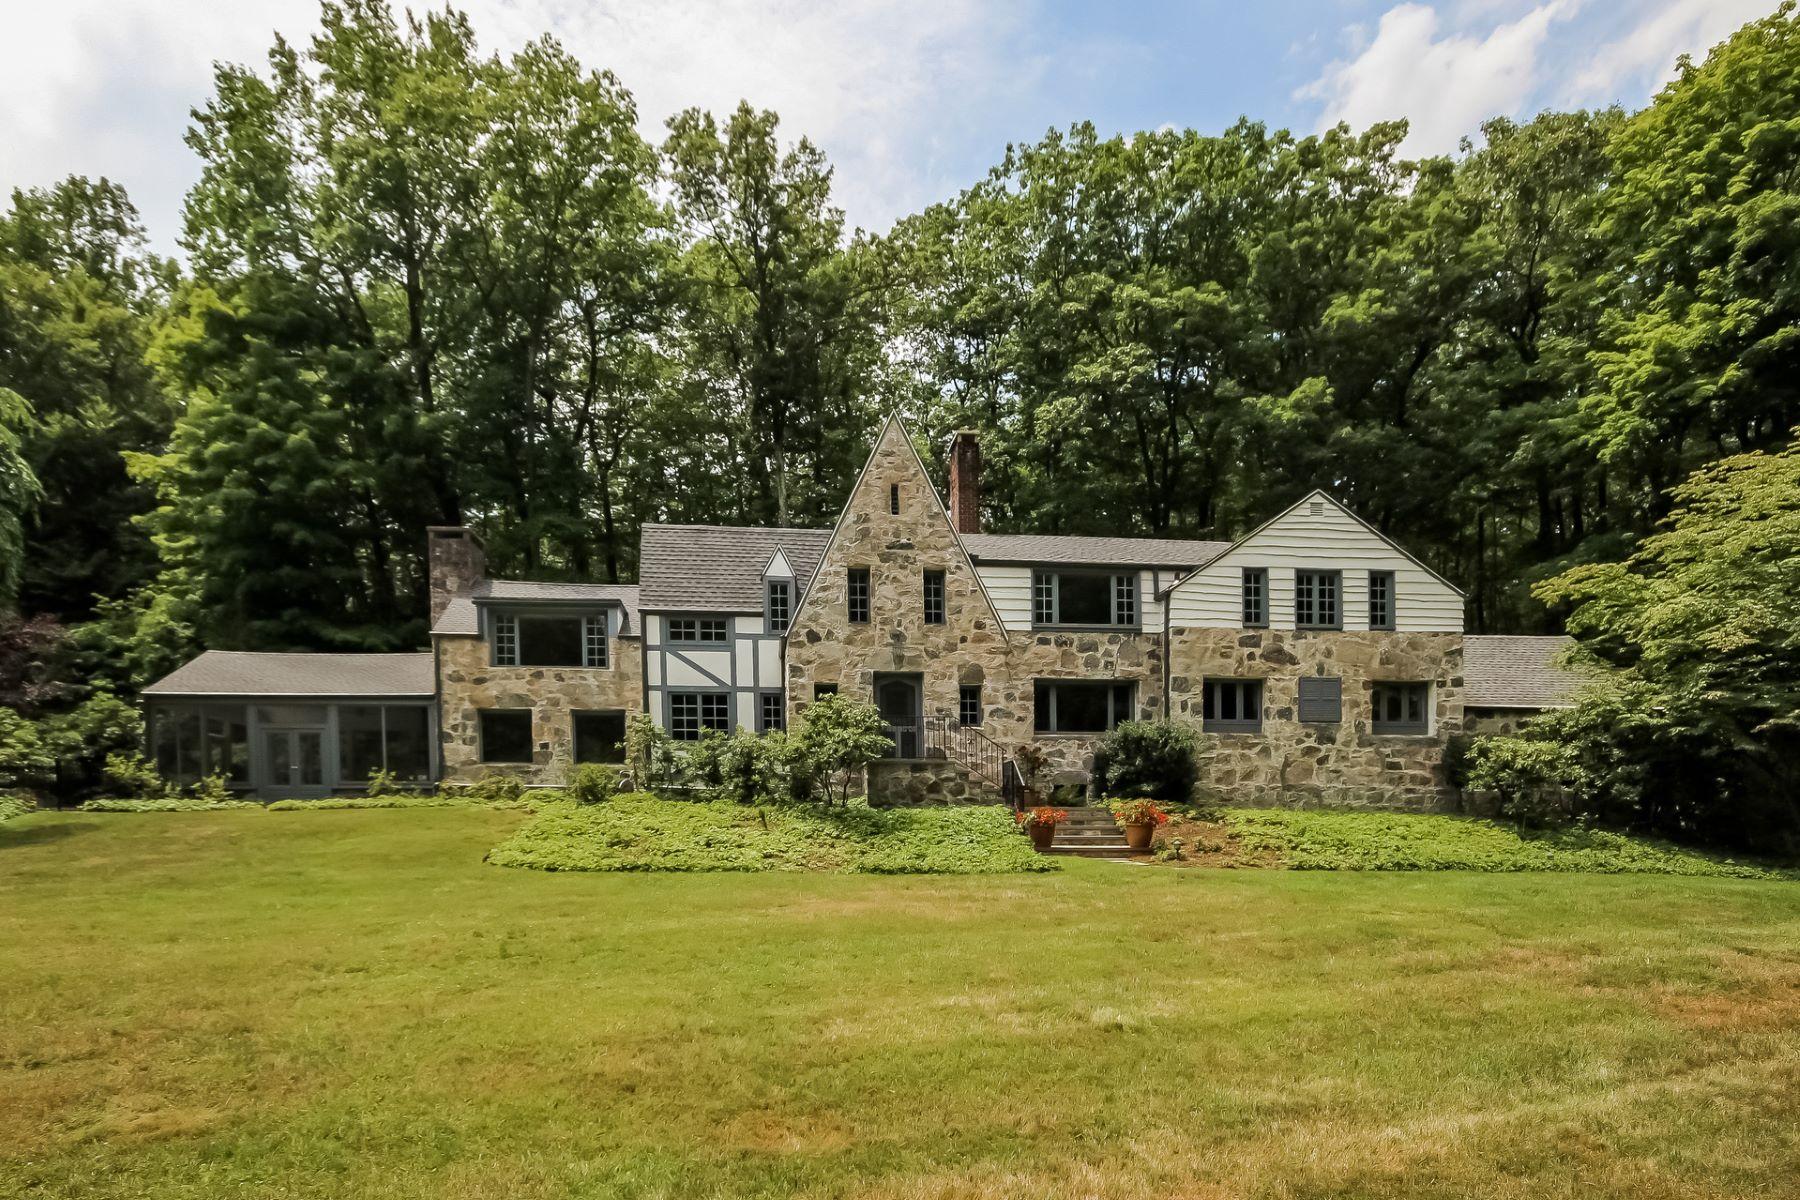 Casa Unifamiliar por un Venta en English Stone Country Home 133 Laurel Road Stamford, Connecticut 06903 Estados Unidos